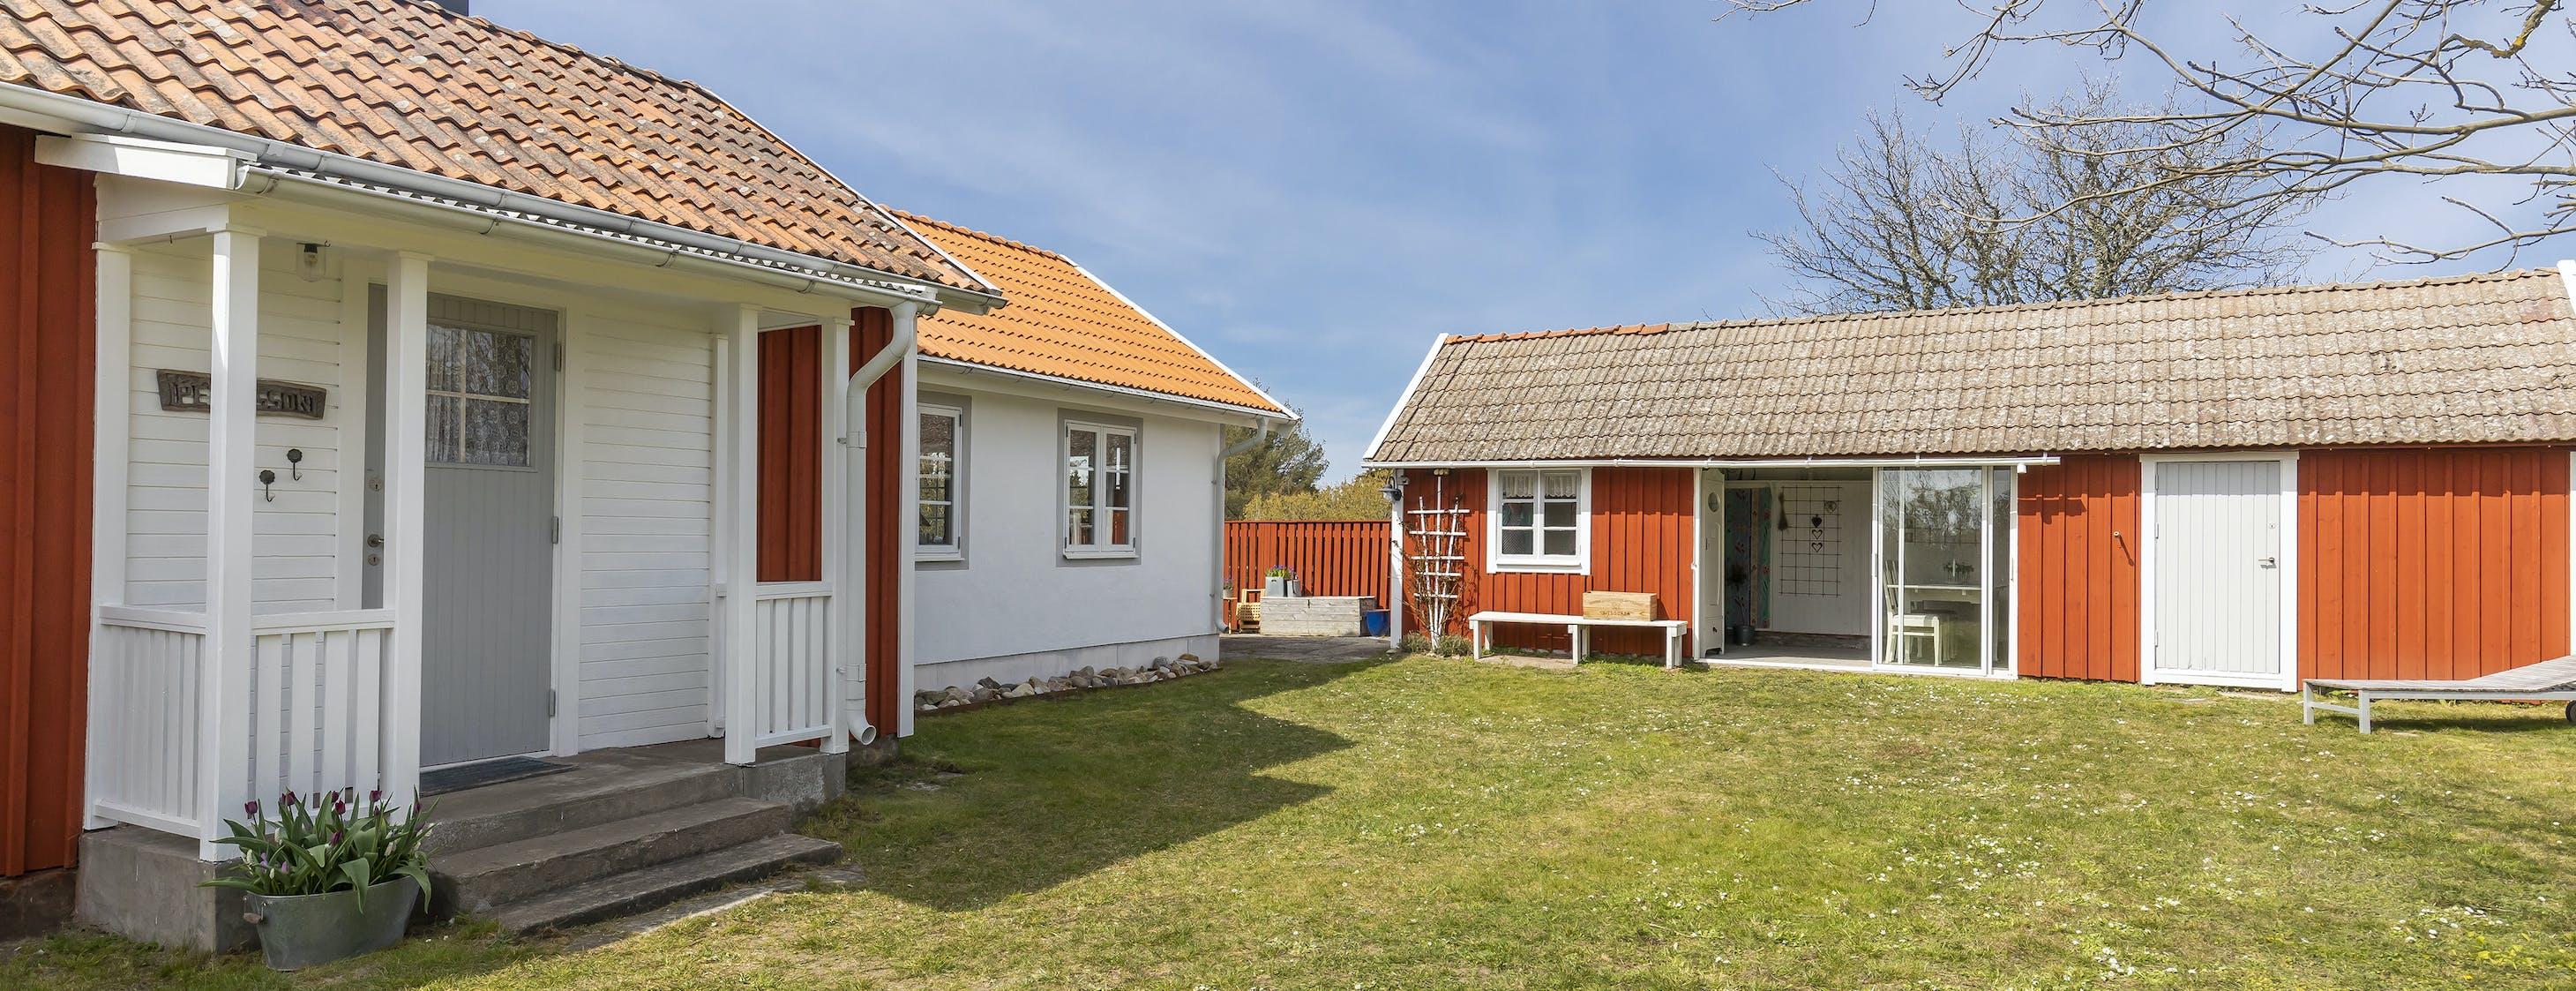 Byrumsvägen 143 Vedby